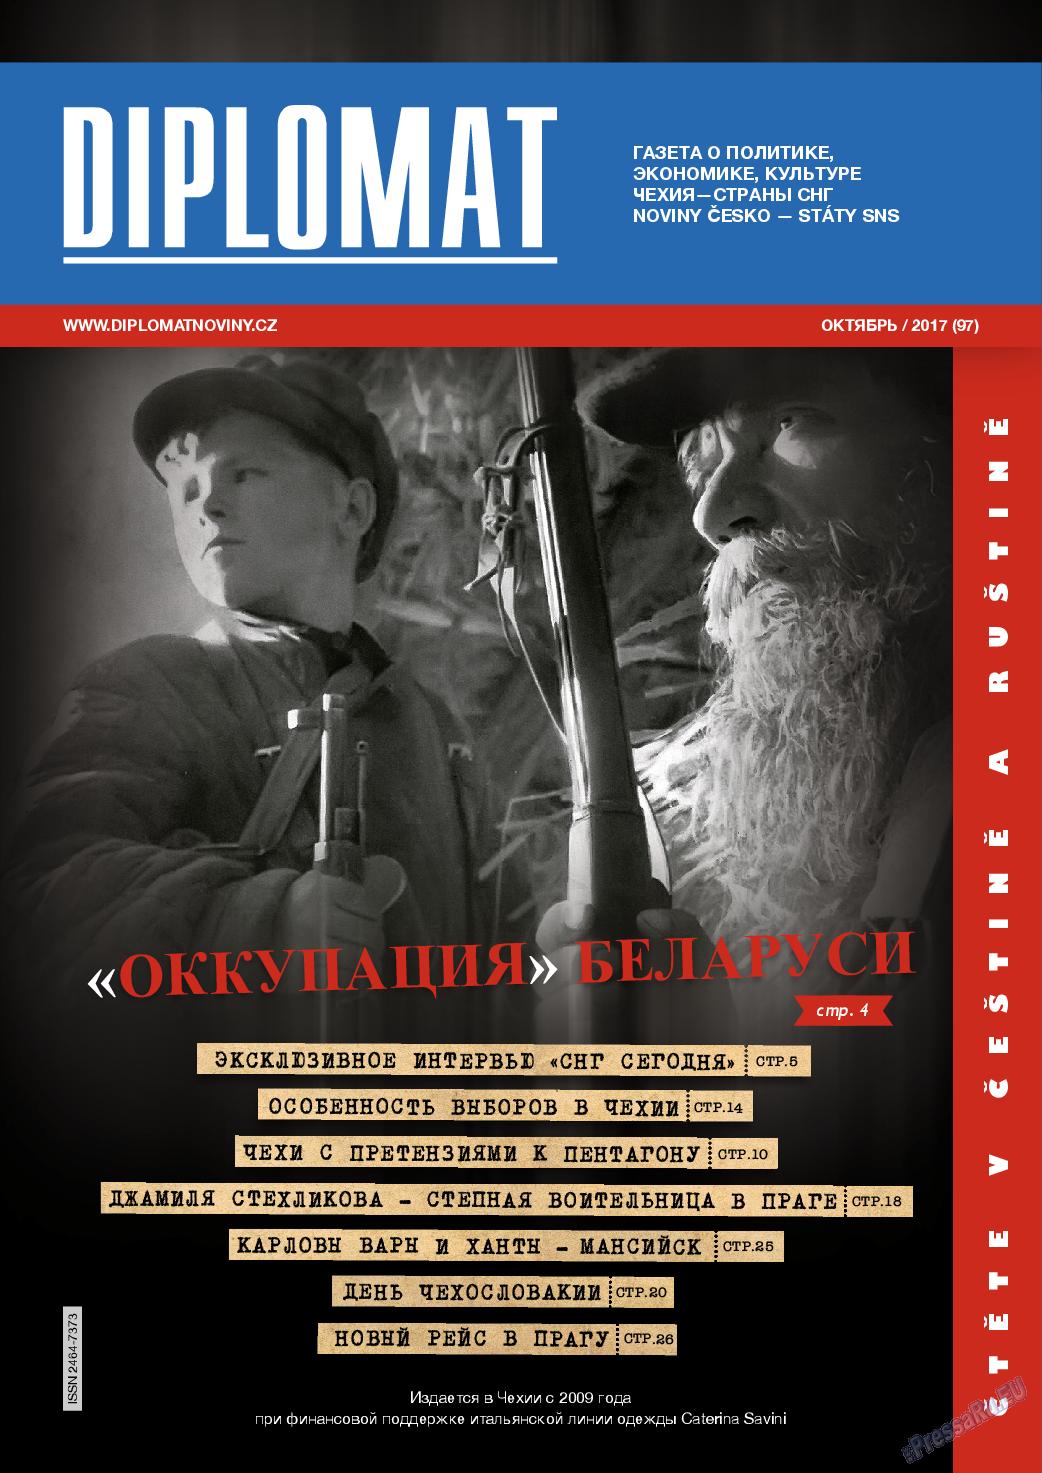 Diplomat (газета). 2017 год, номер 97, стр. 1